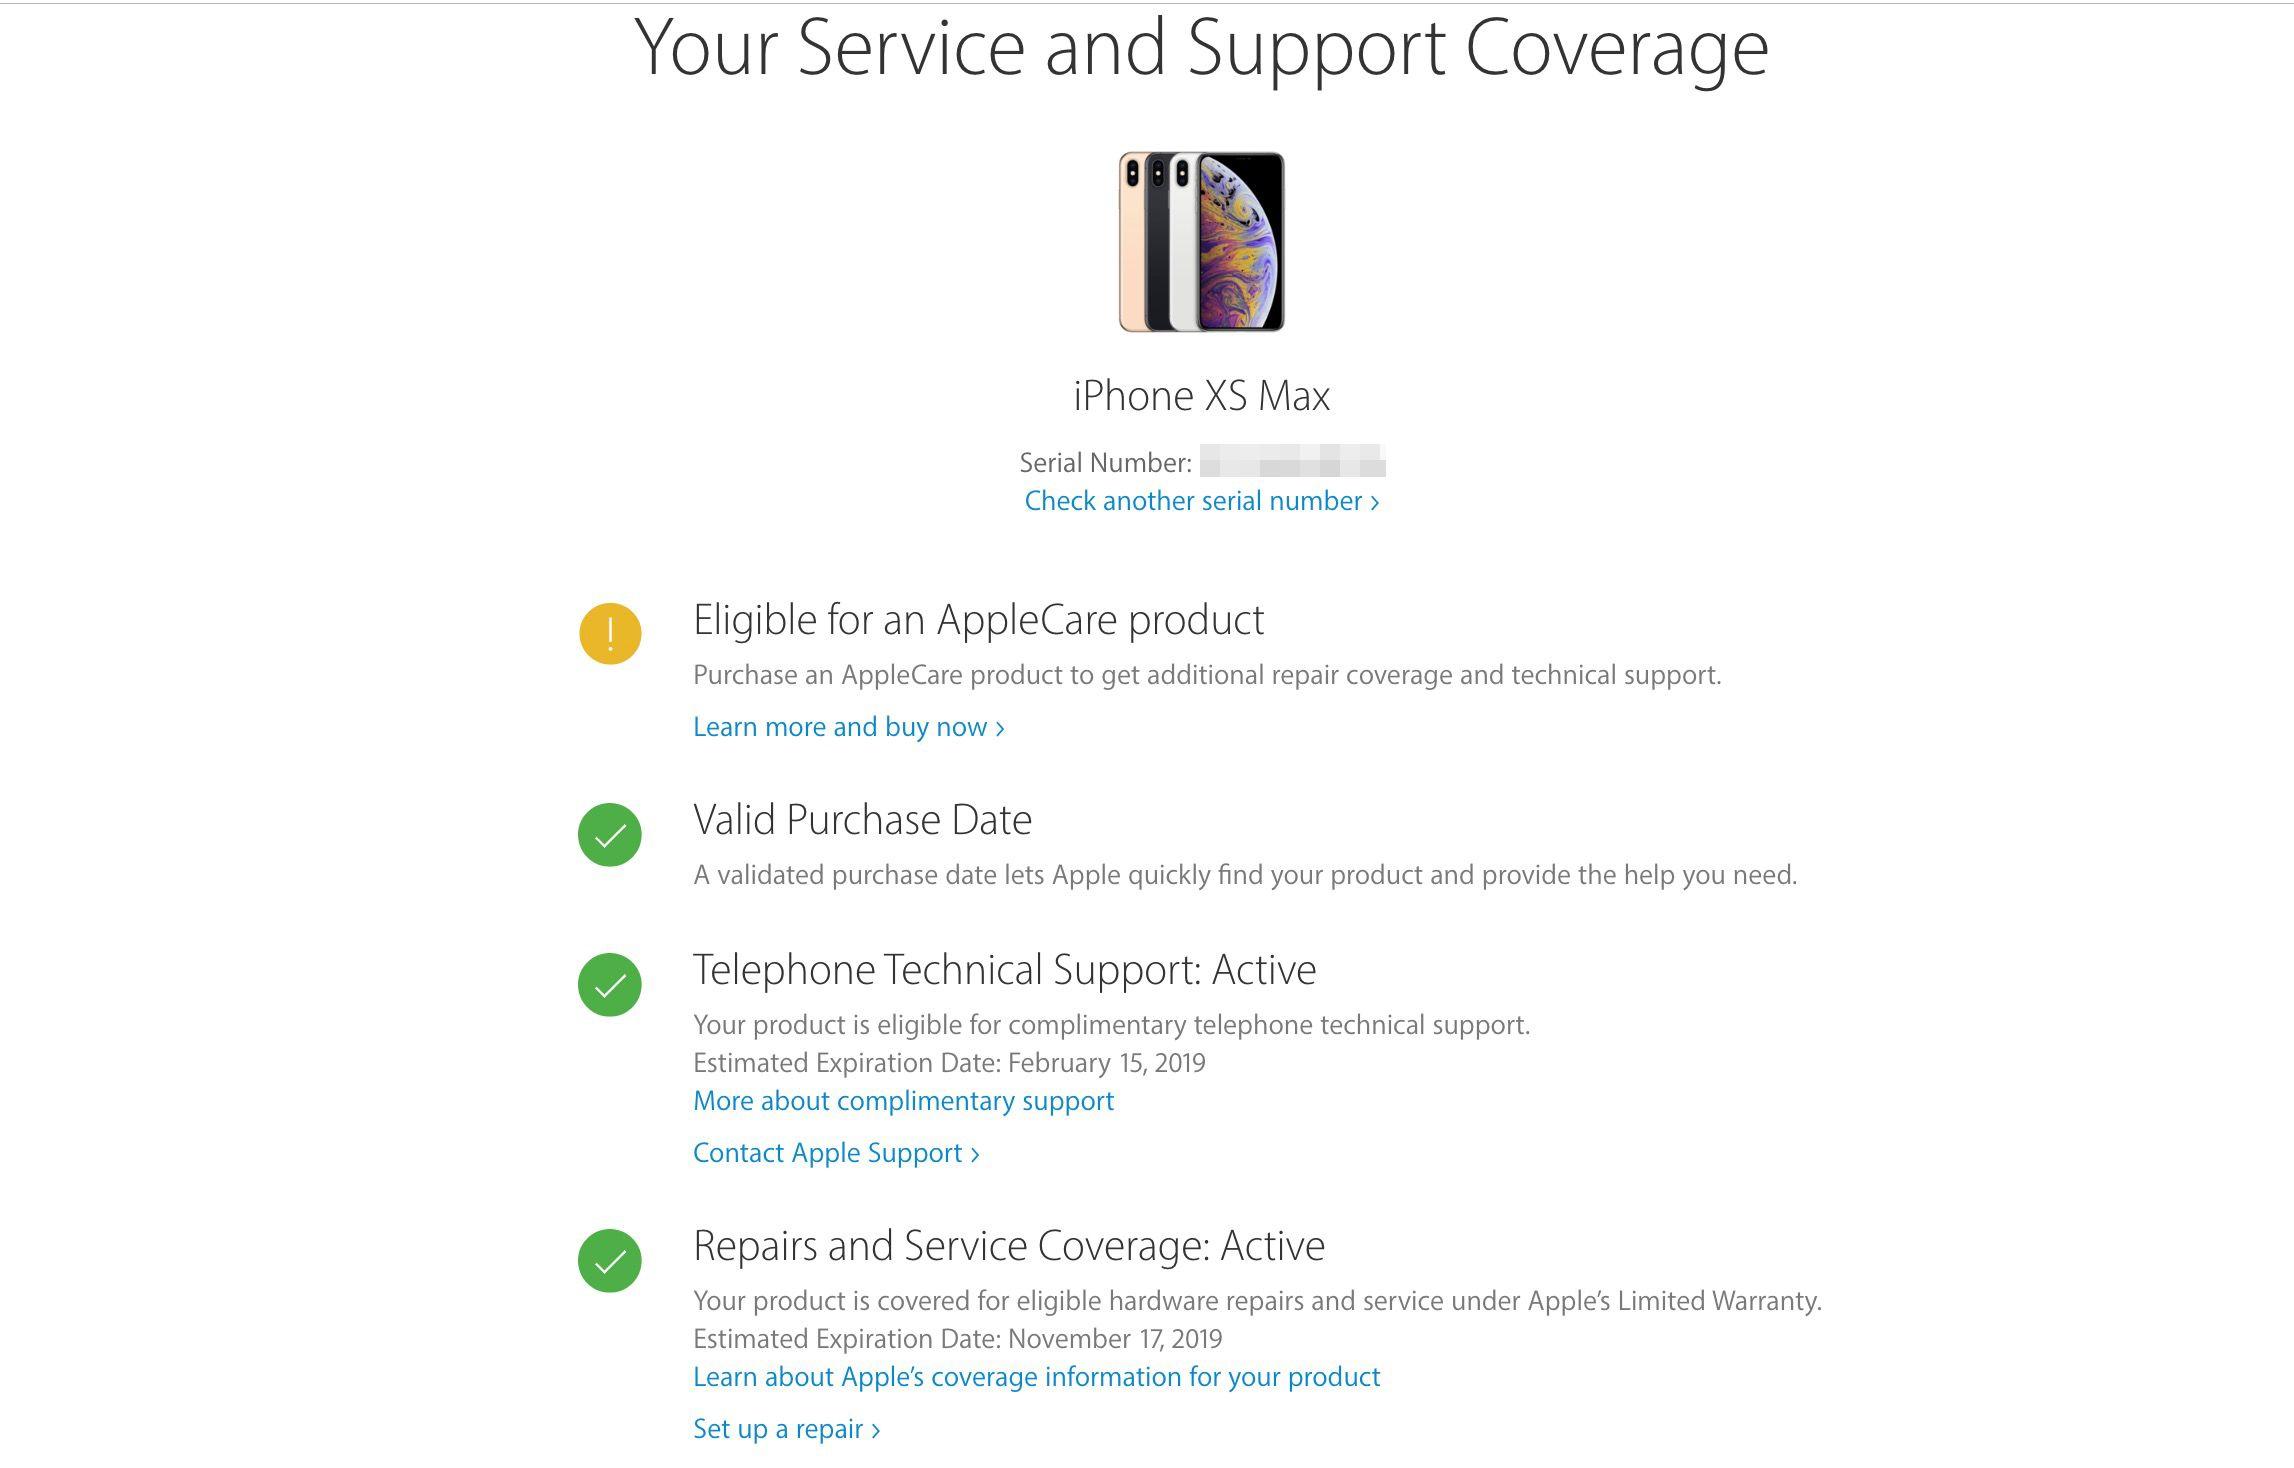 Selanjutnya-website-akan-menampilkan-informasi-lengkap-terkait-status-garansi-perangkat-iPhone